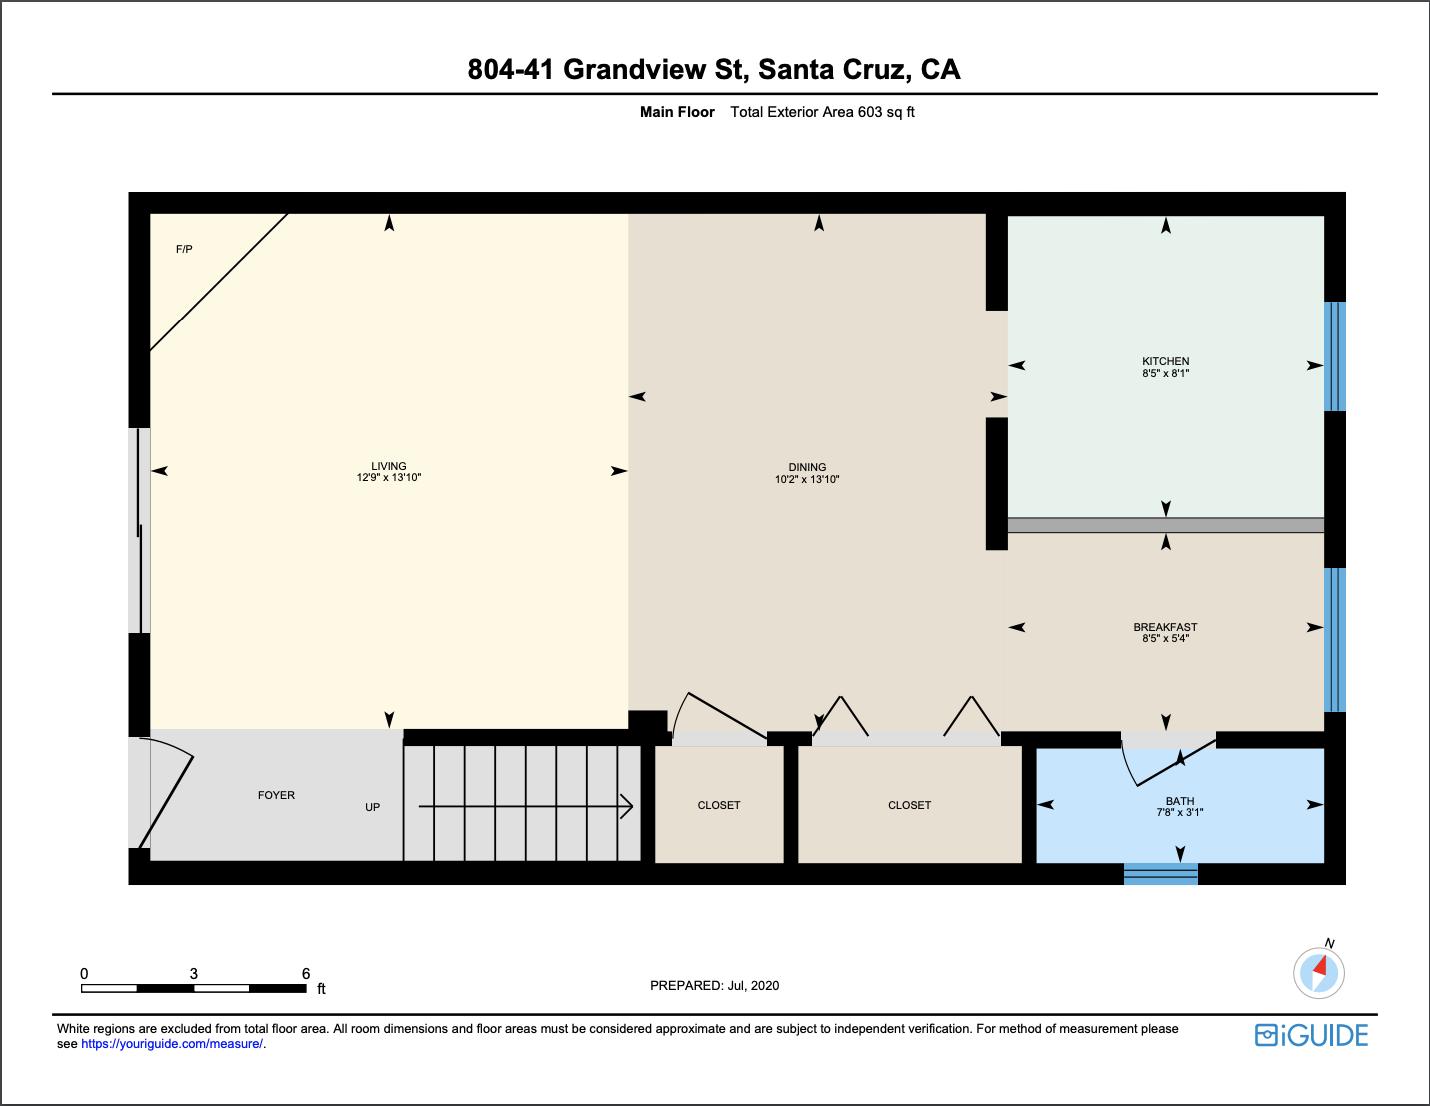 41 grandview 804 - main floor plan